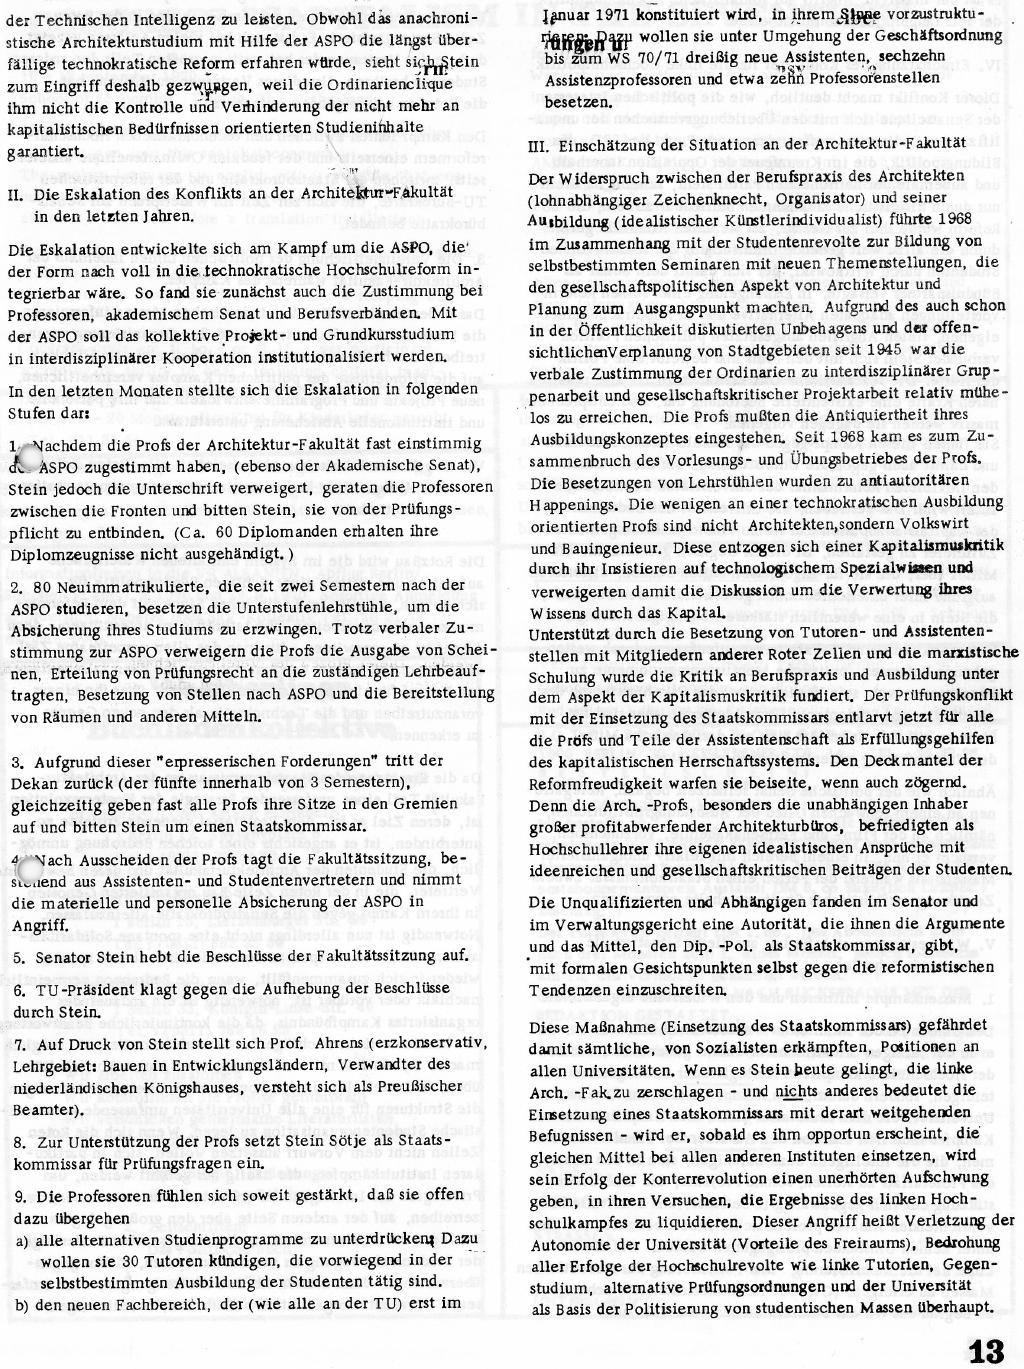 RPK_1970_078_13